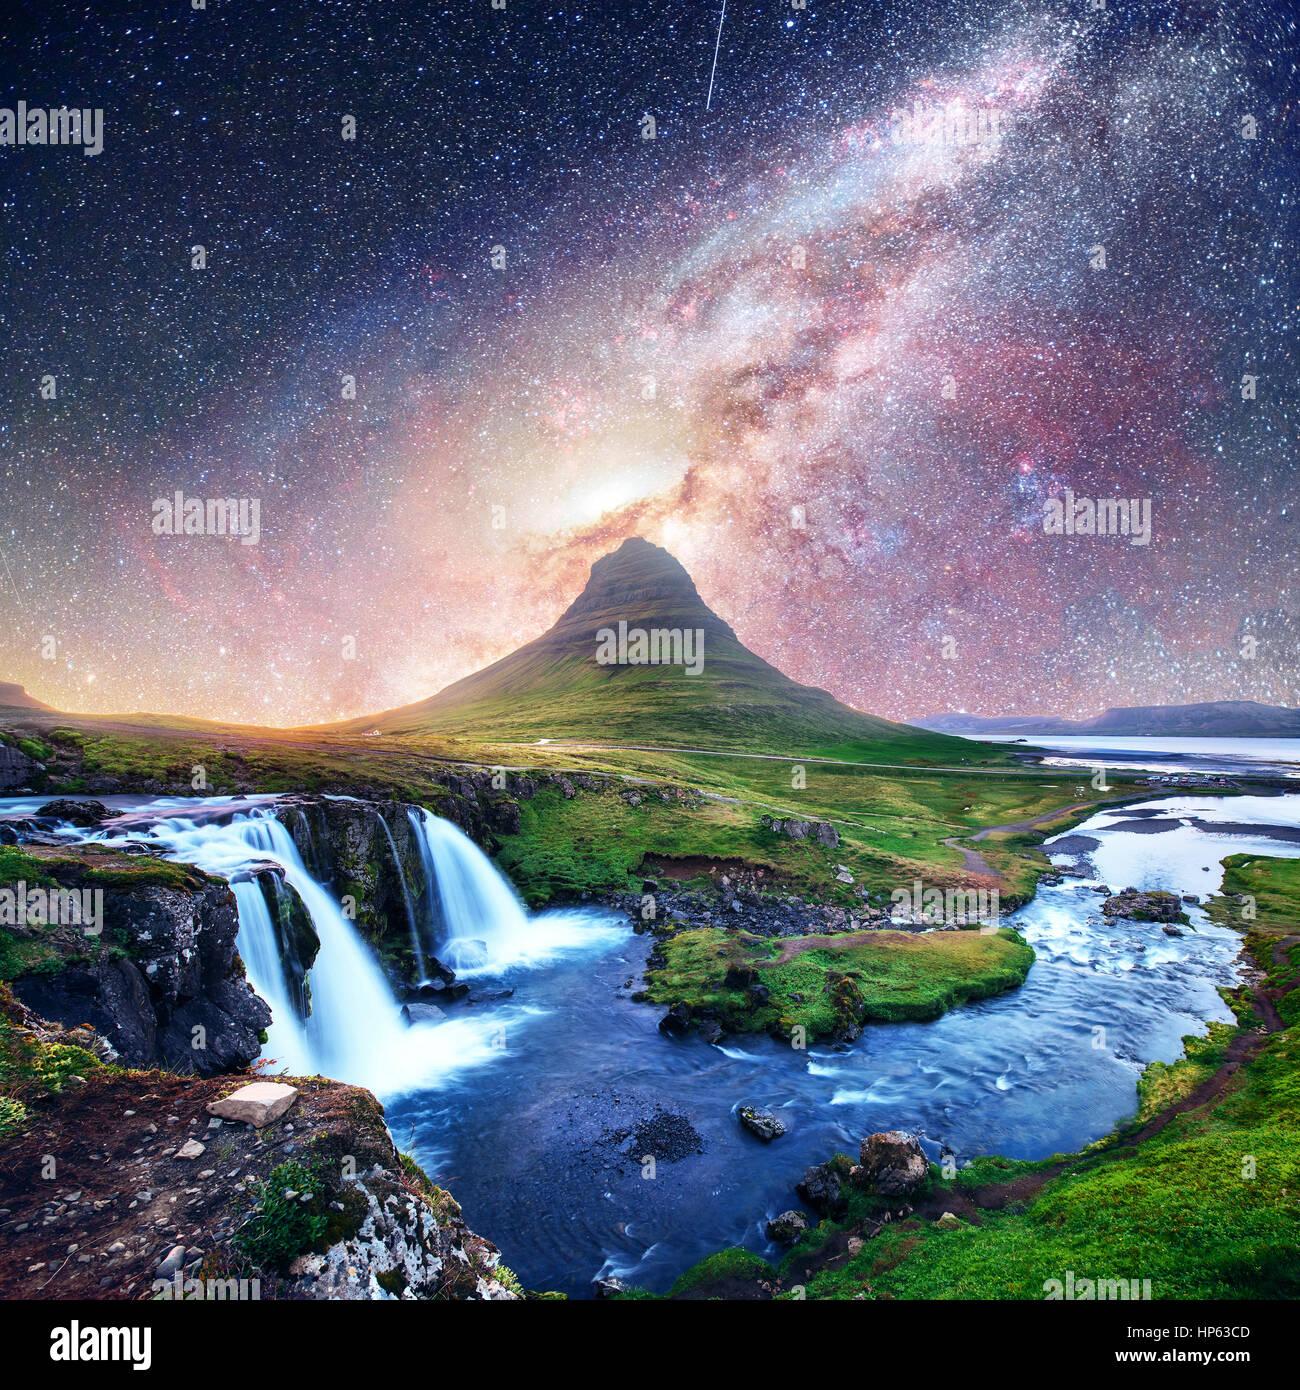 Fantástico cielo estrellado sobre paisajes y cascadas. Montaña Kirkjufell,Islandia cortesía de NASA. Imagen De Stock